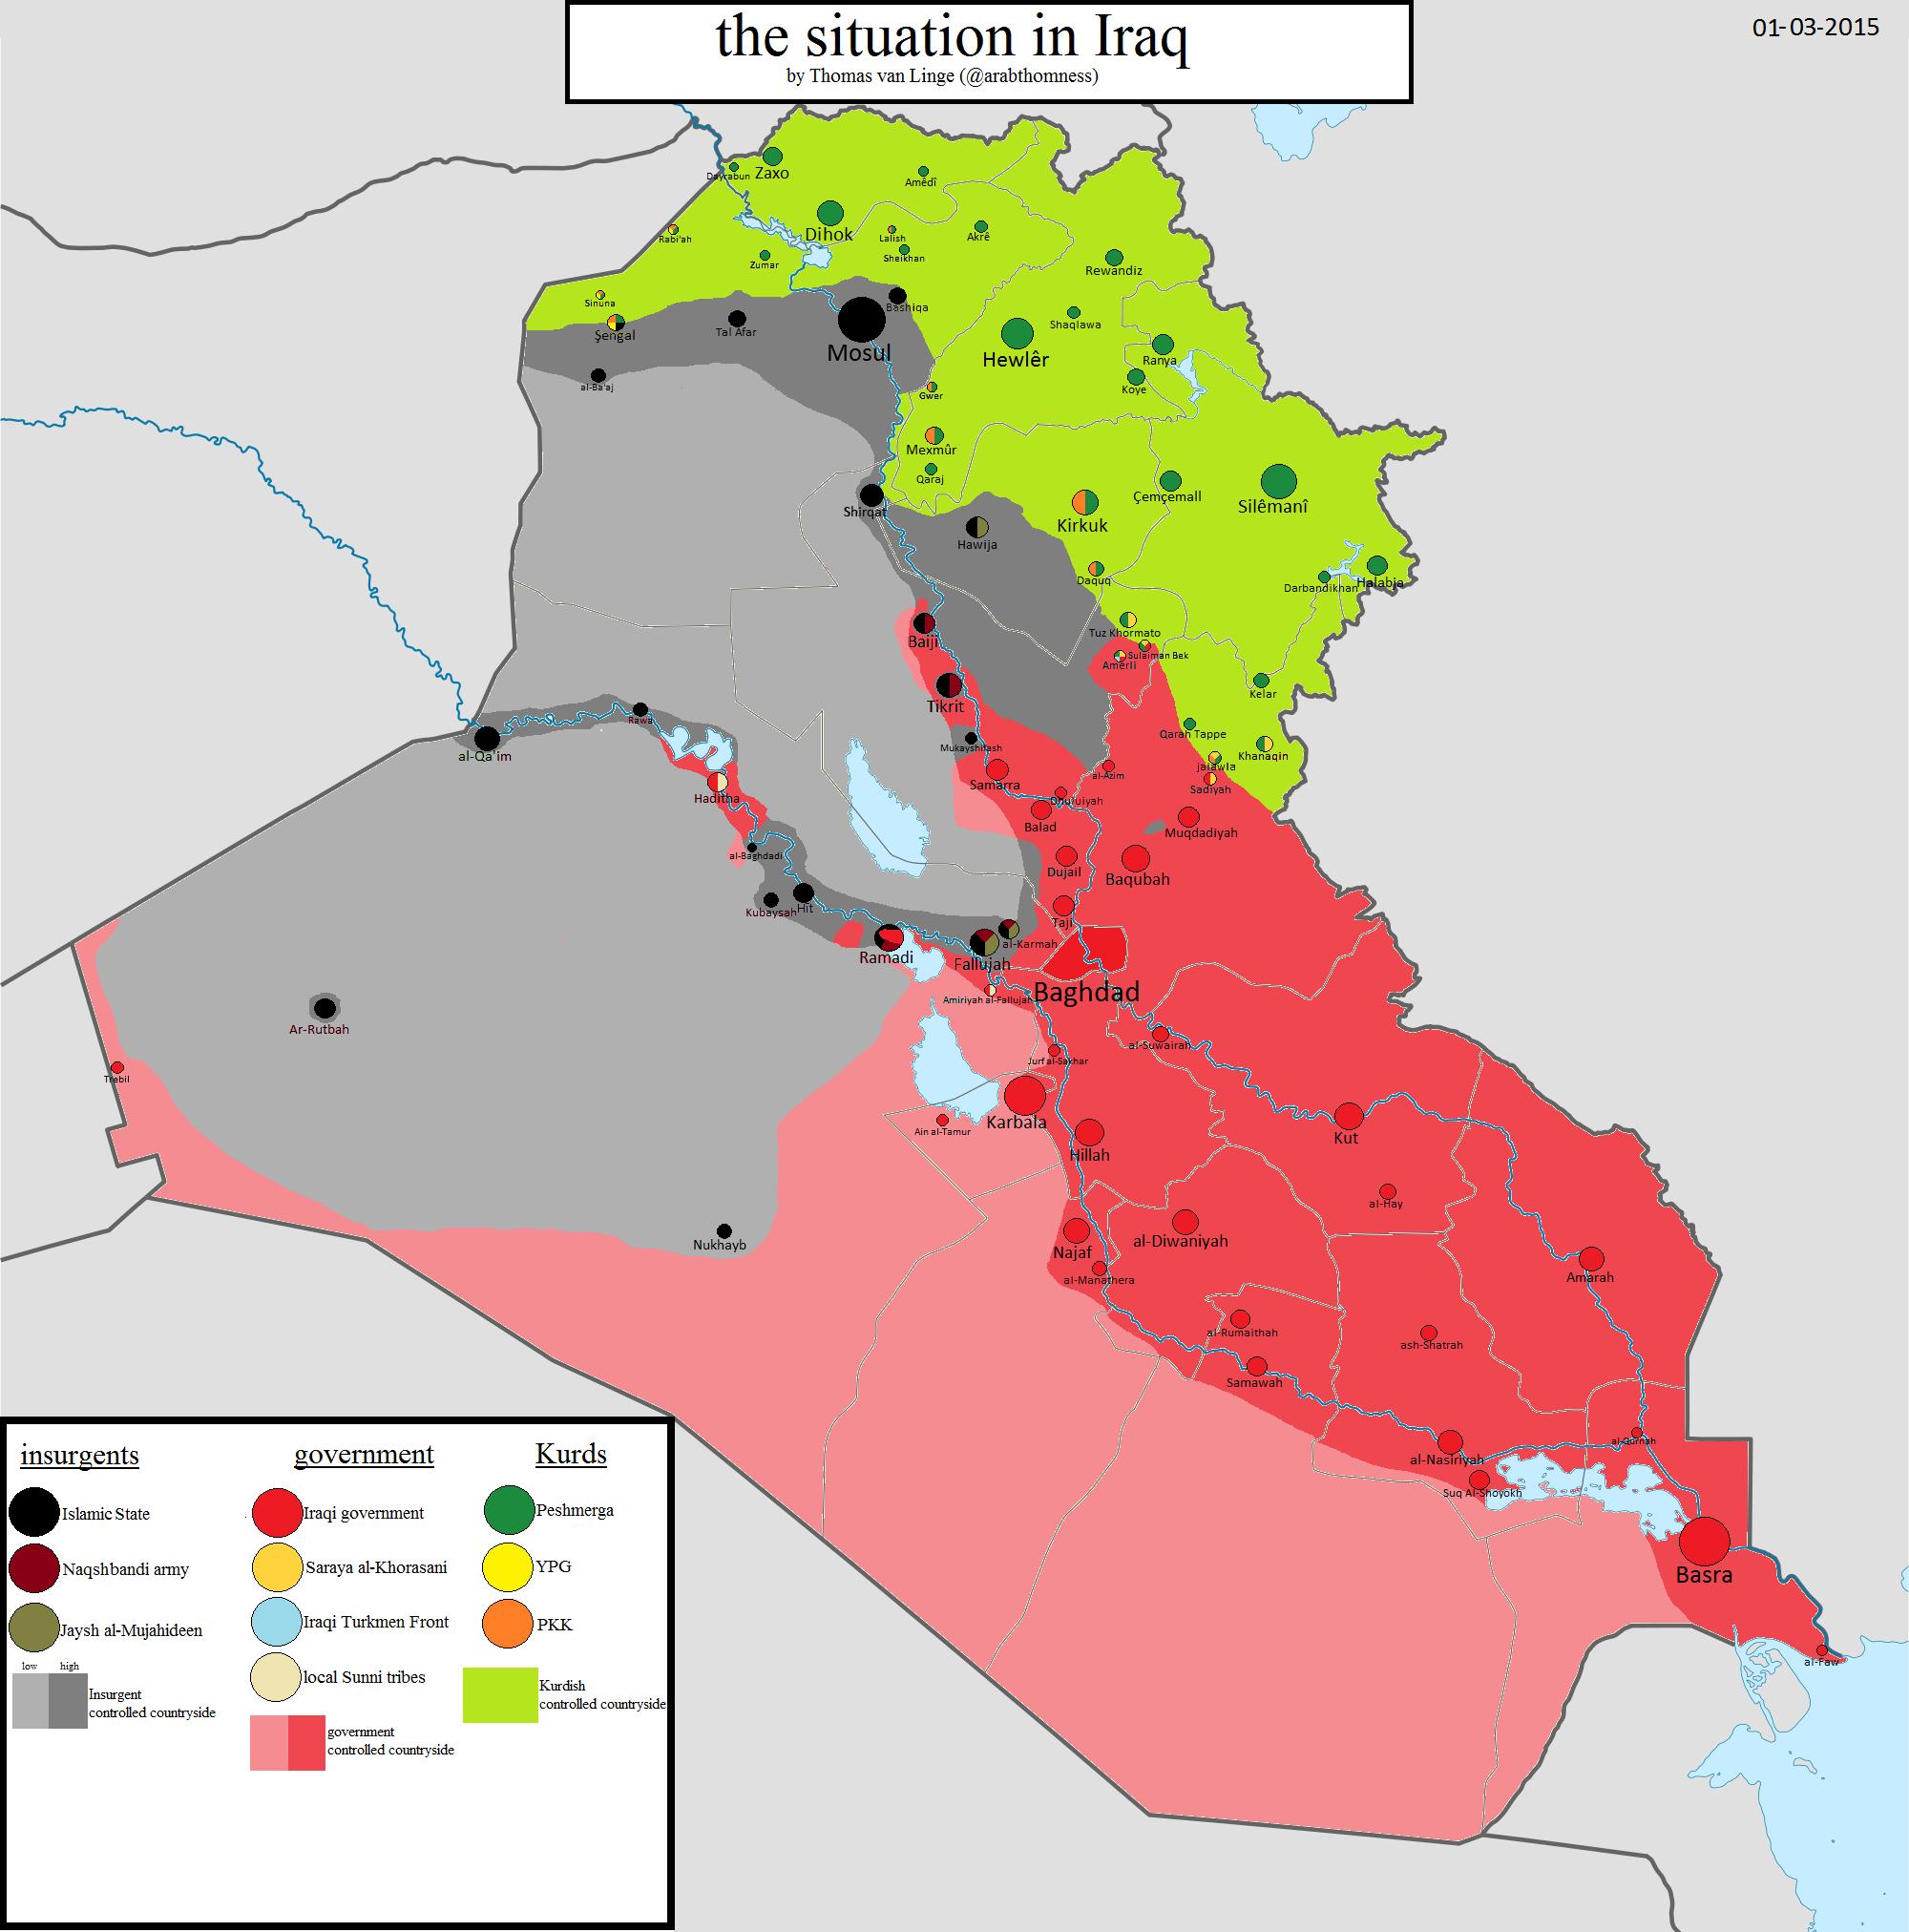 Début de révolte en Irak? - Page 7 B_G6f8YXIAEX1uN